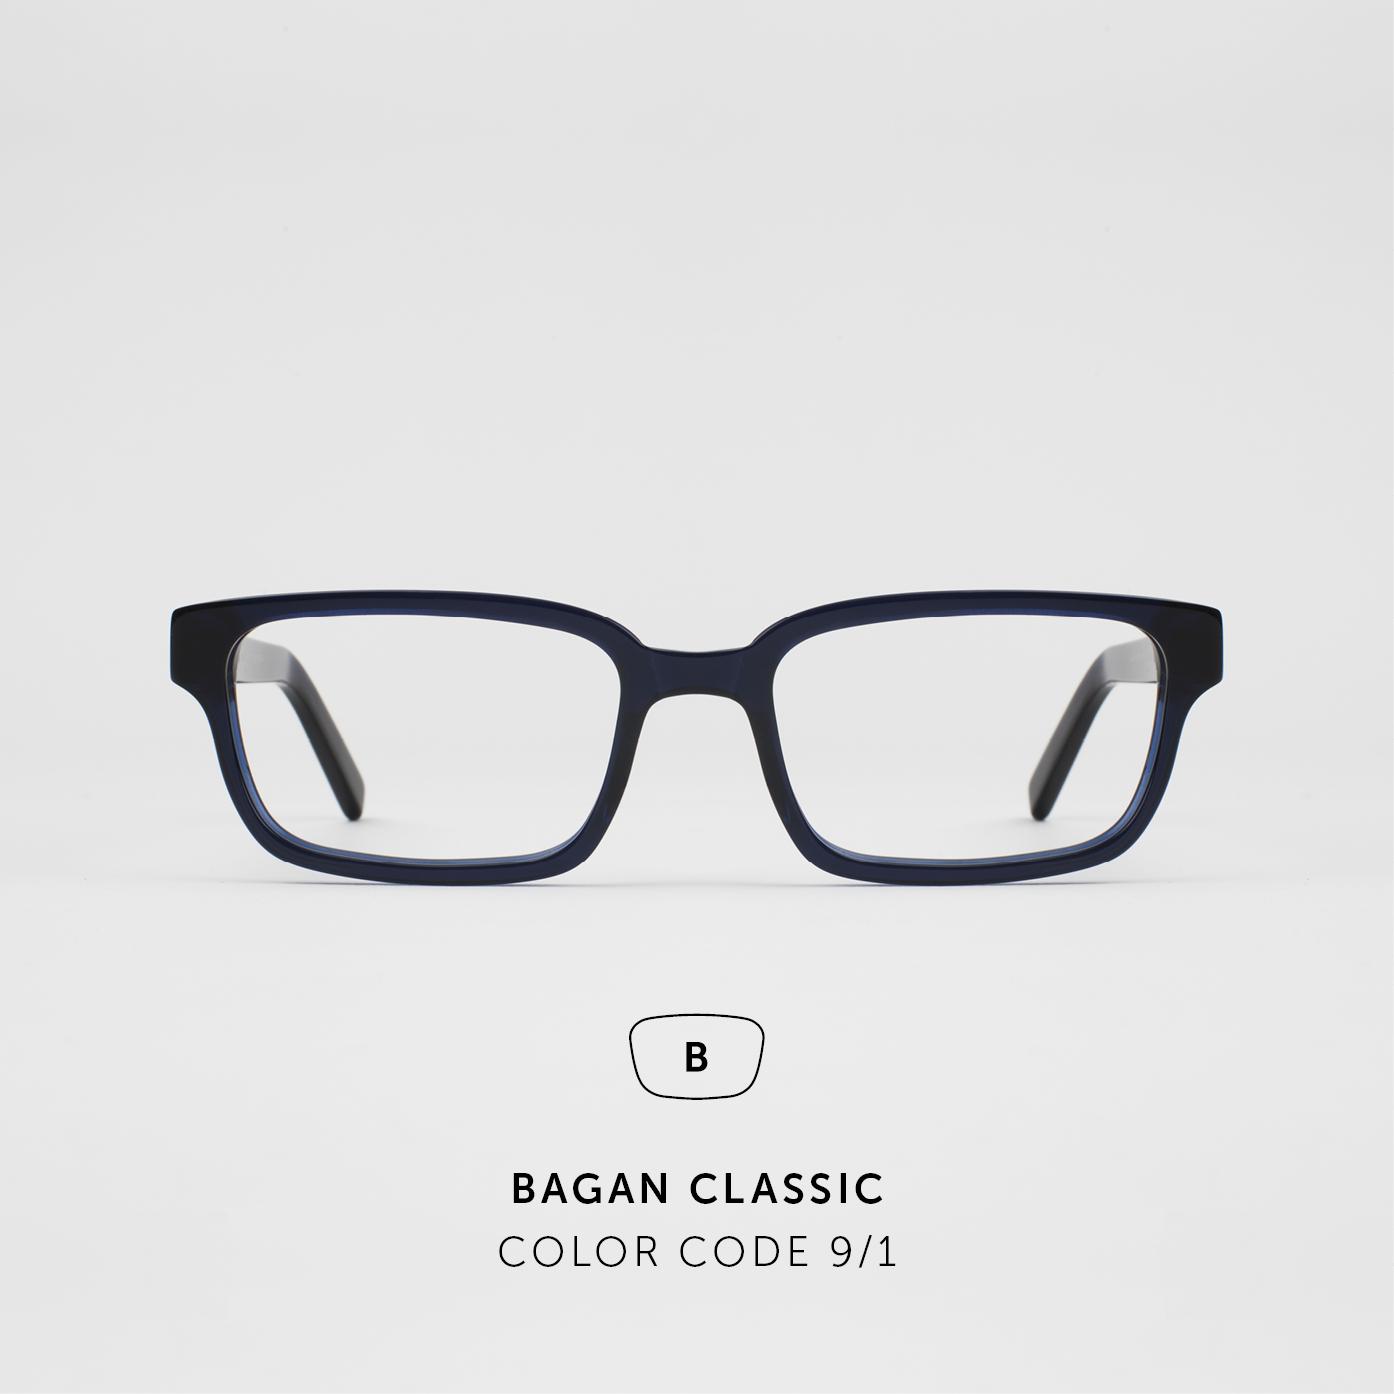 BaganClassic25.jpg